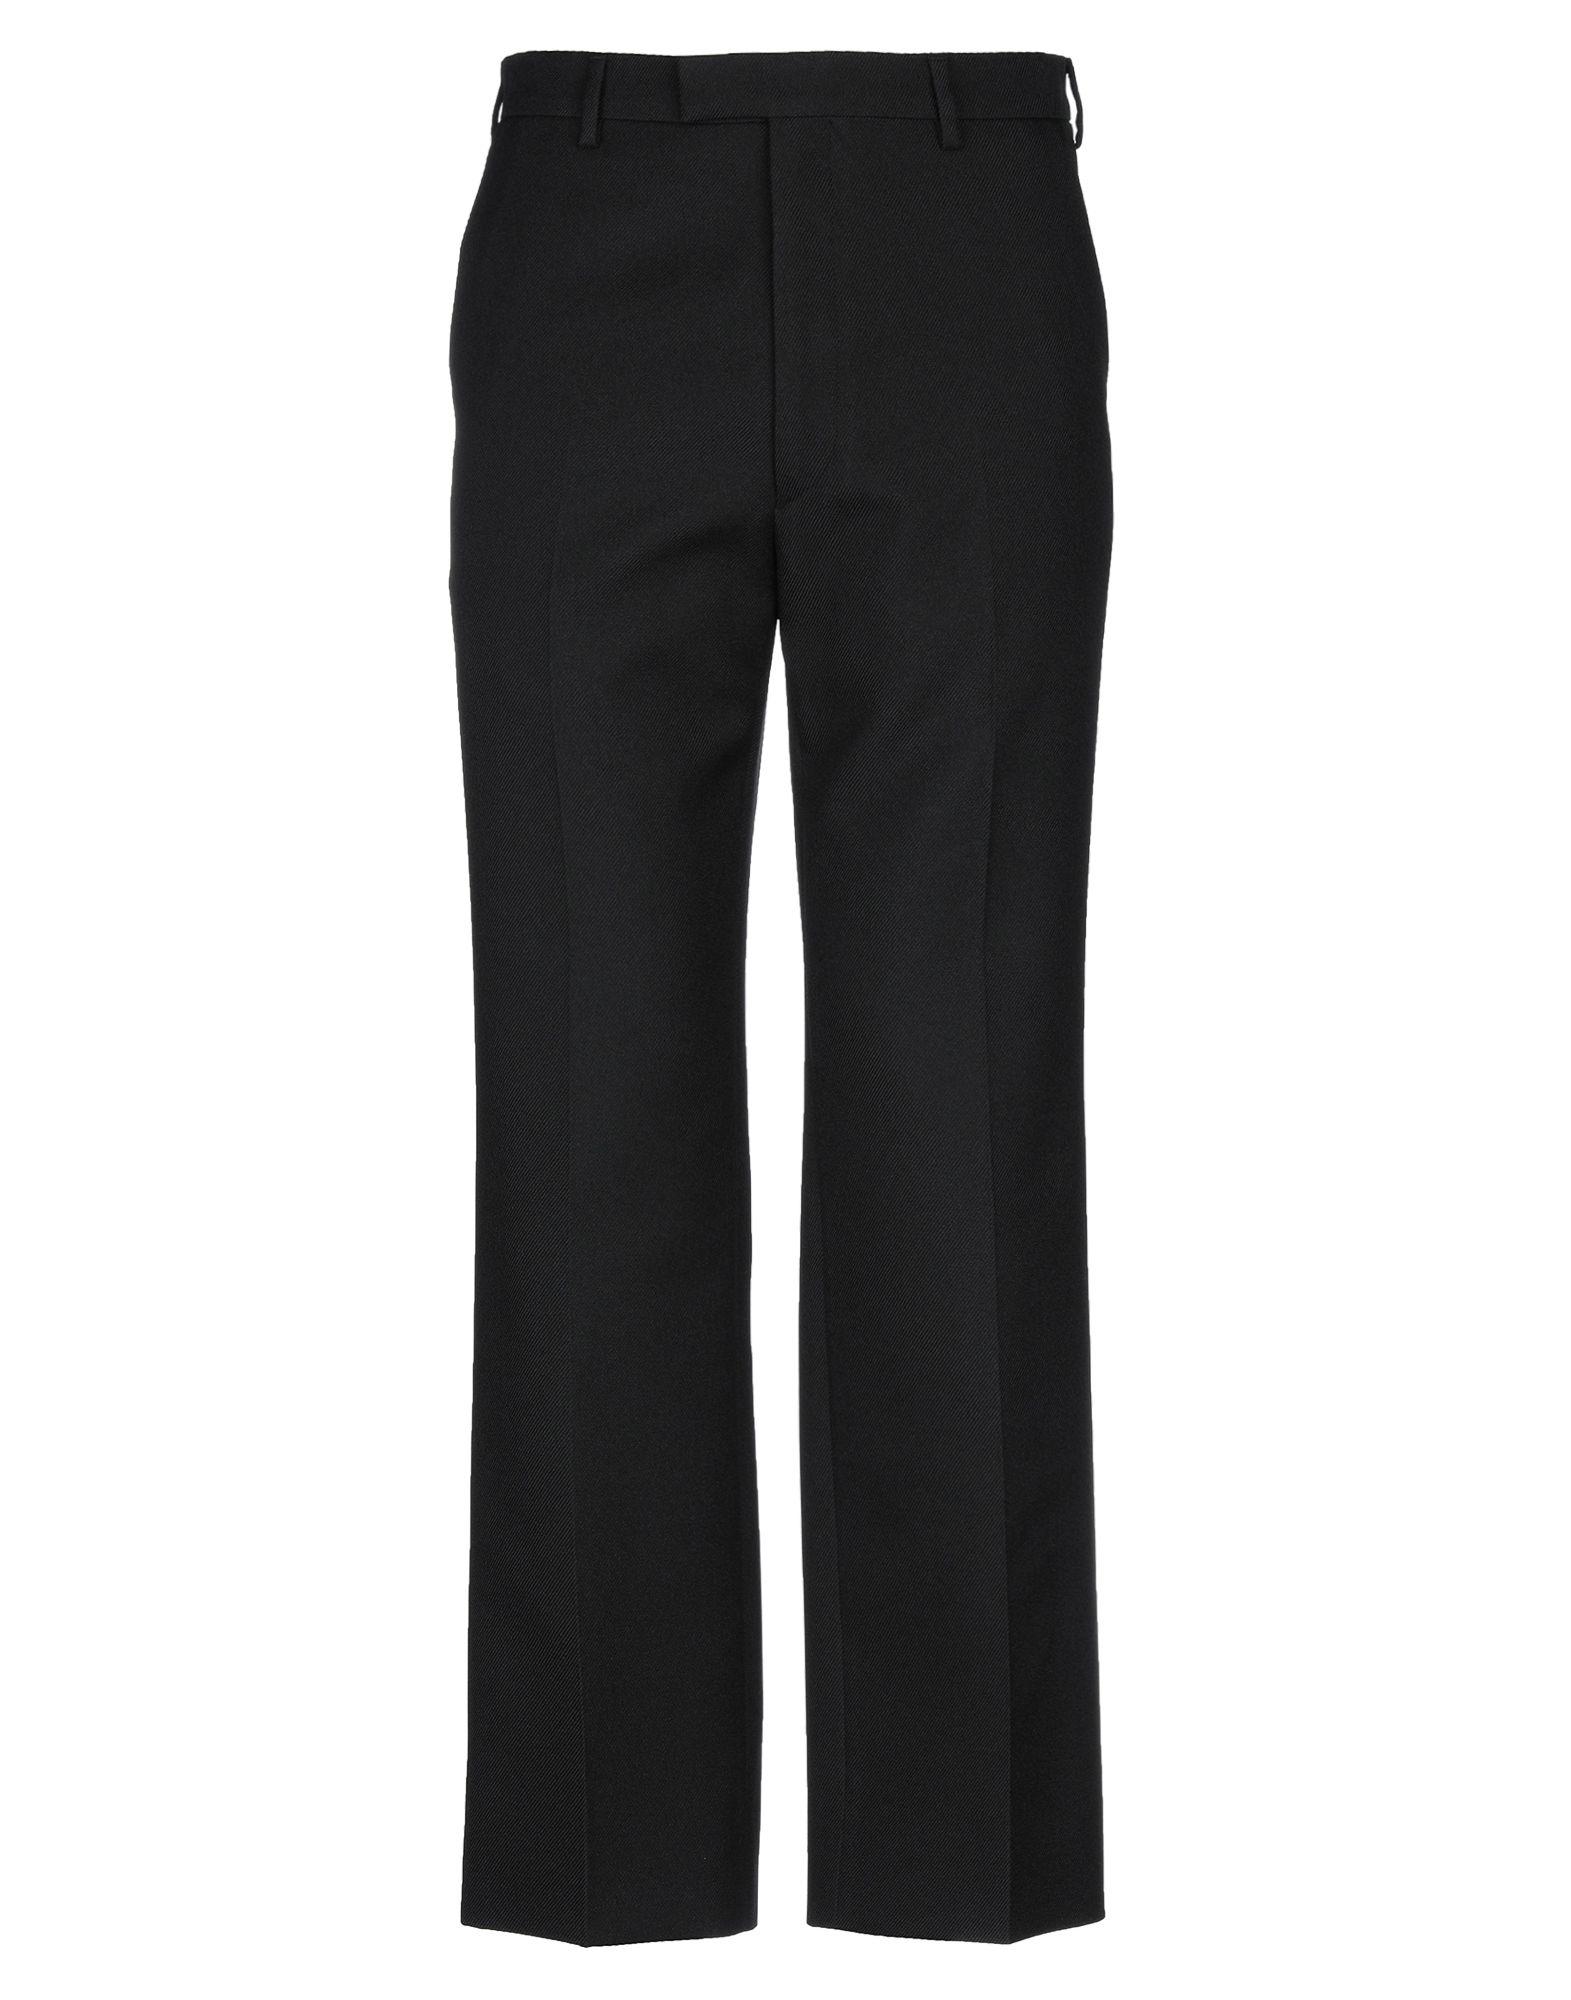 《セール開催中》PRADA メンズ パンツ ブラック 46 ポリエステル 100%